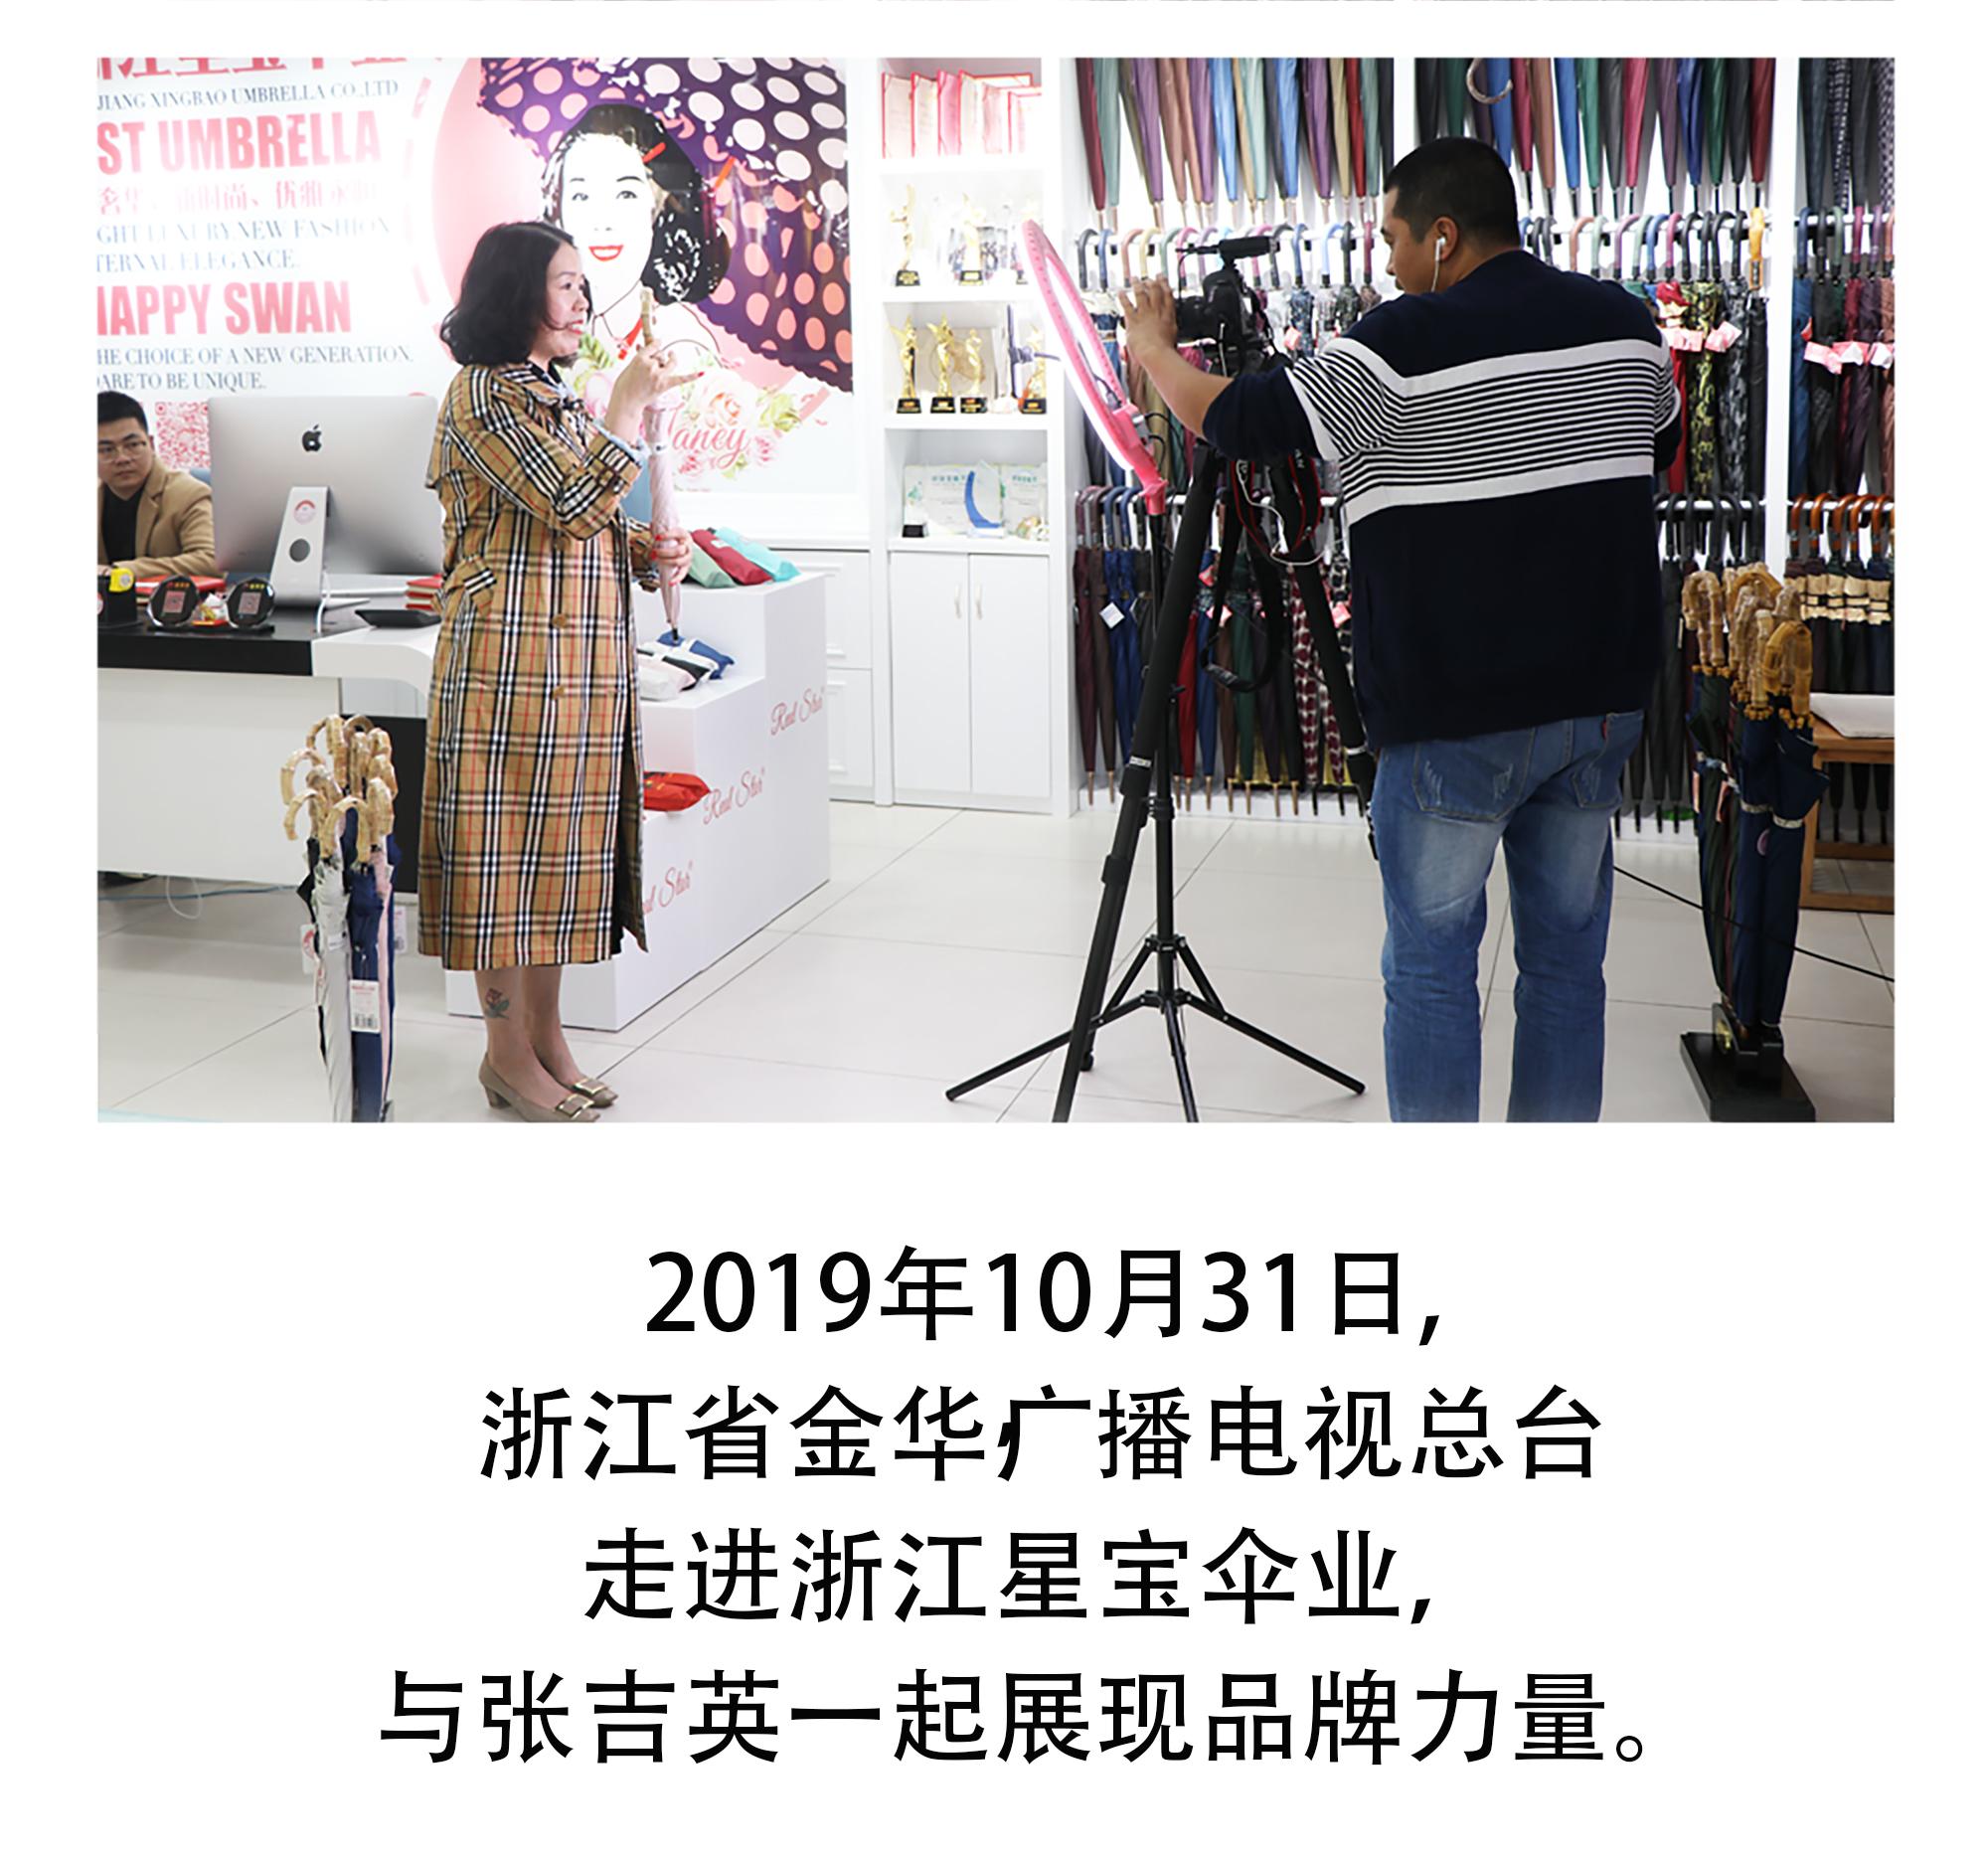 浙江省金华广播电视总台走进浙江新万博app万博manbetx客户端,与张吉英一起展现品牌力量。